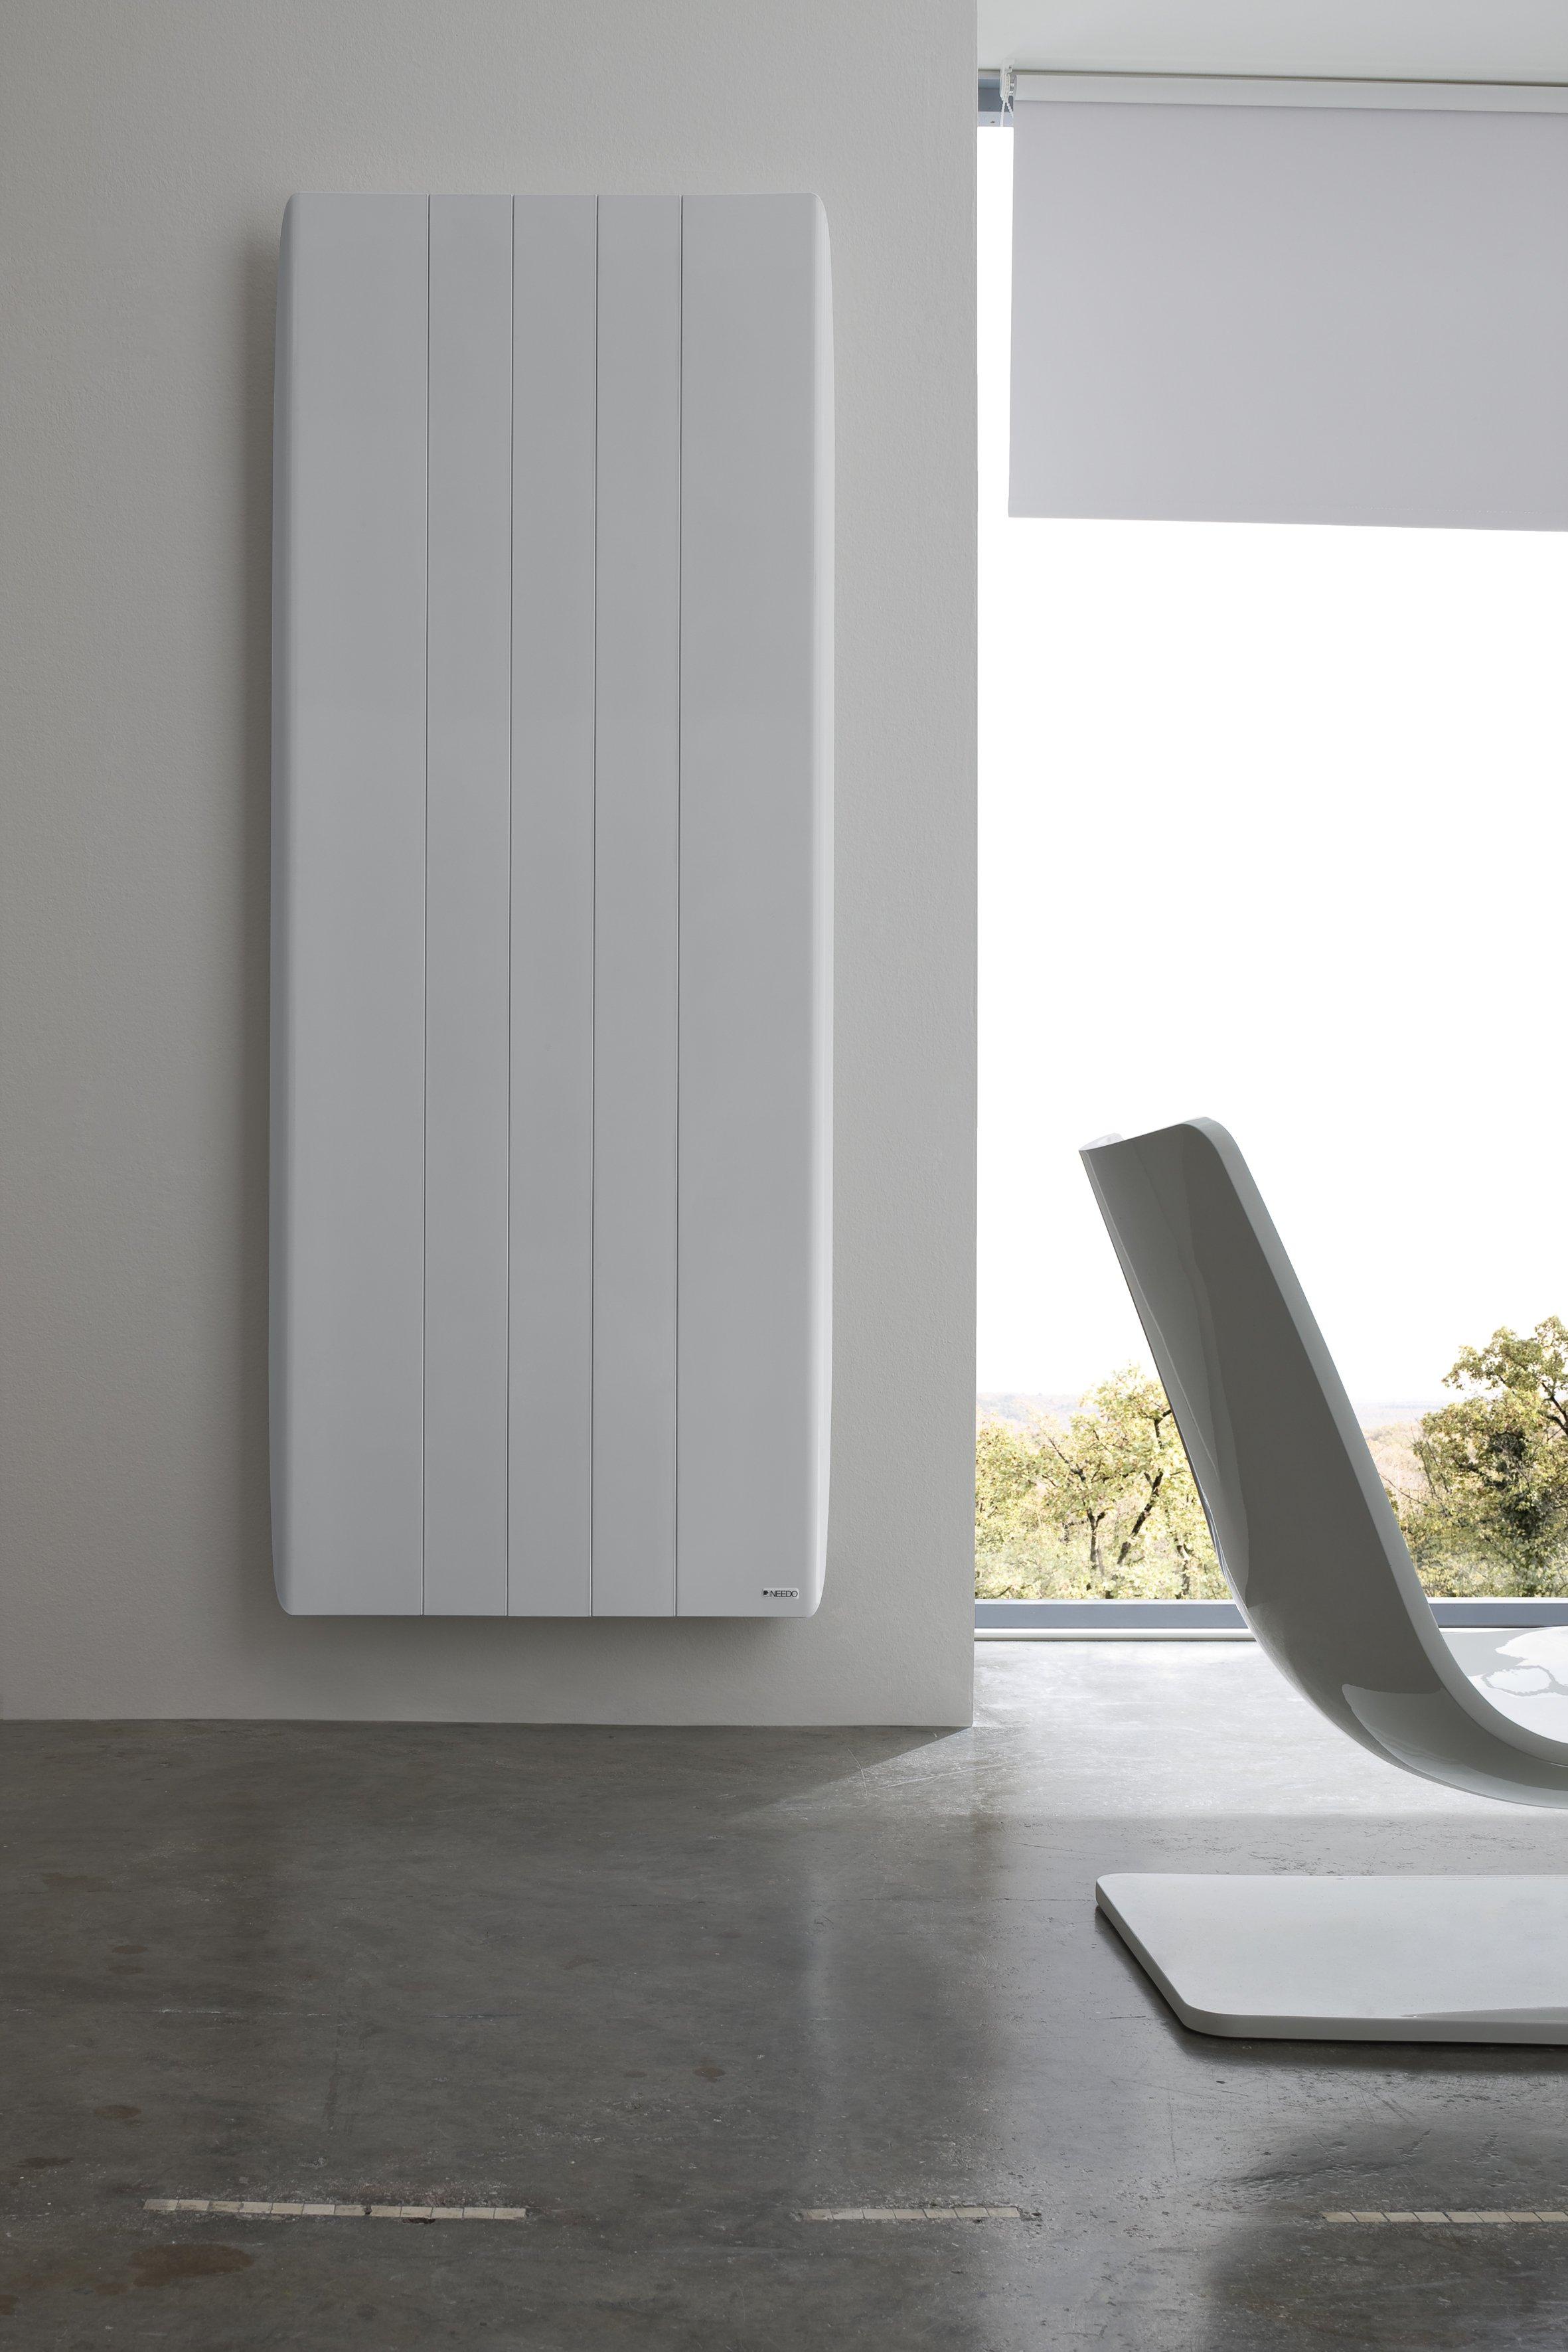 Intelli Heat electric radiator